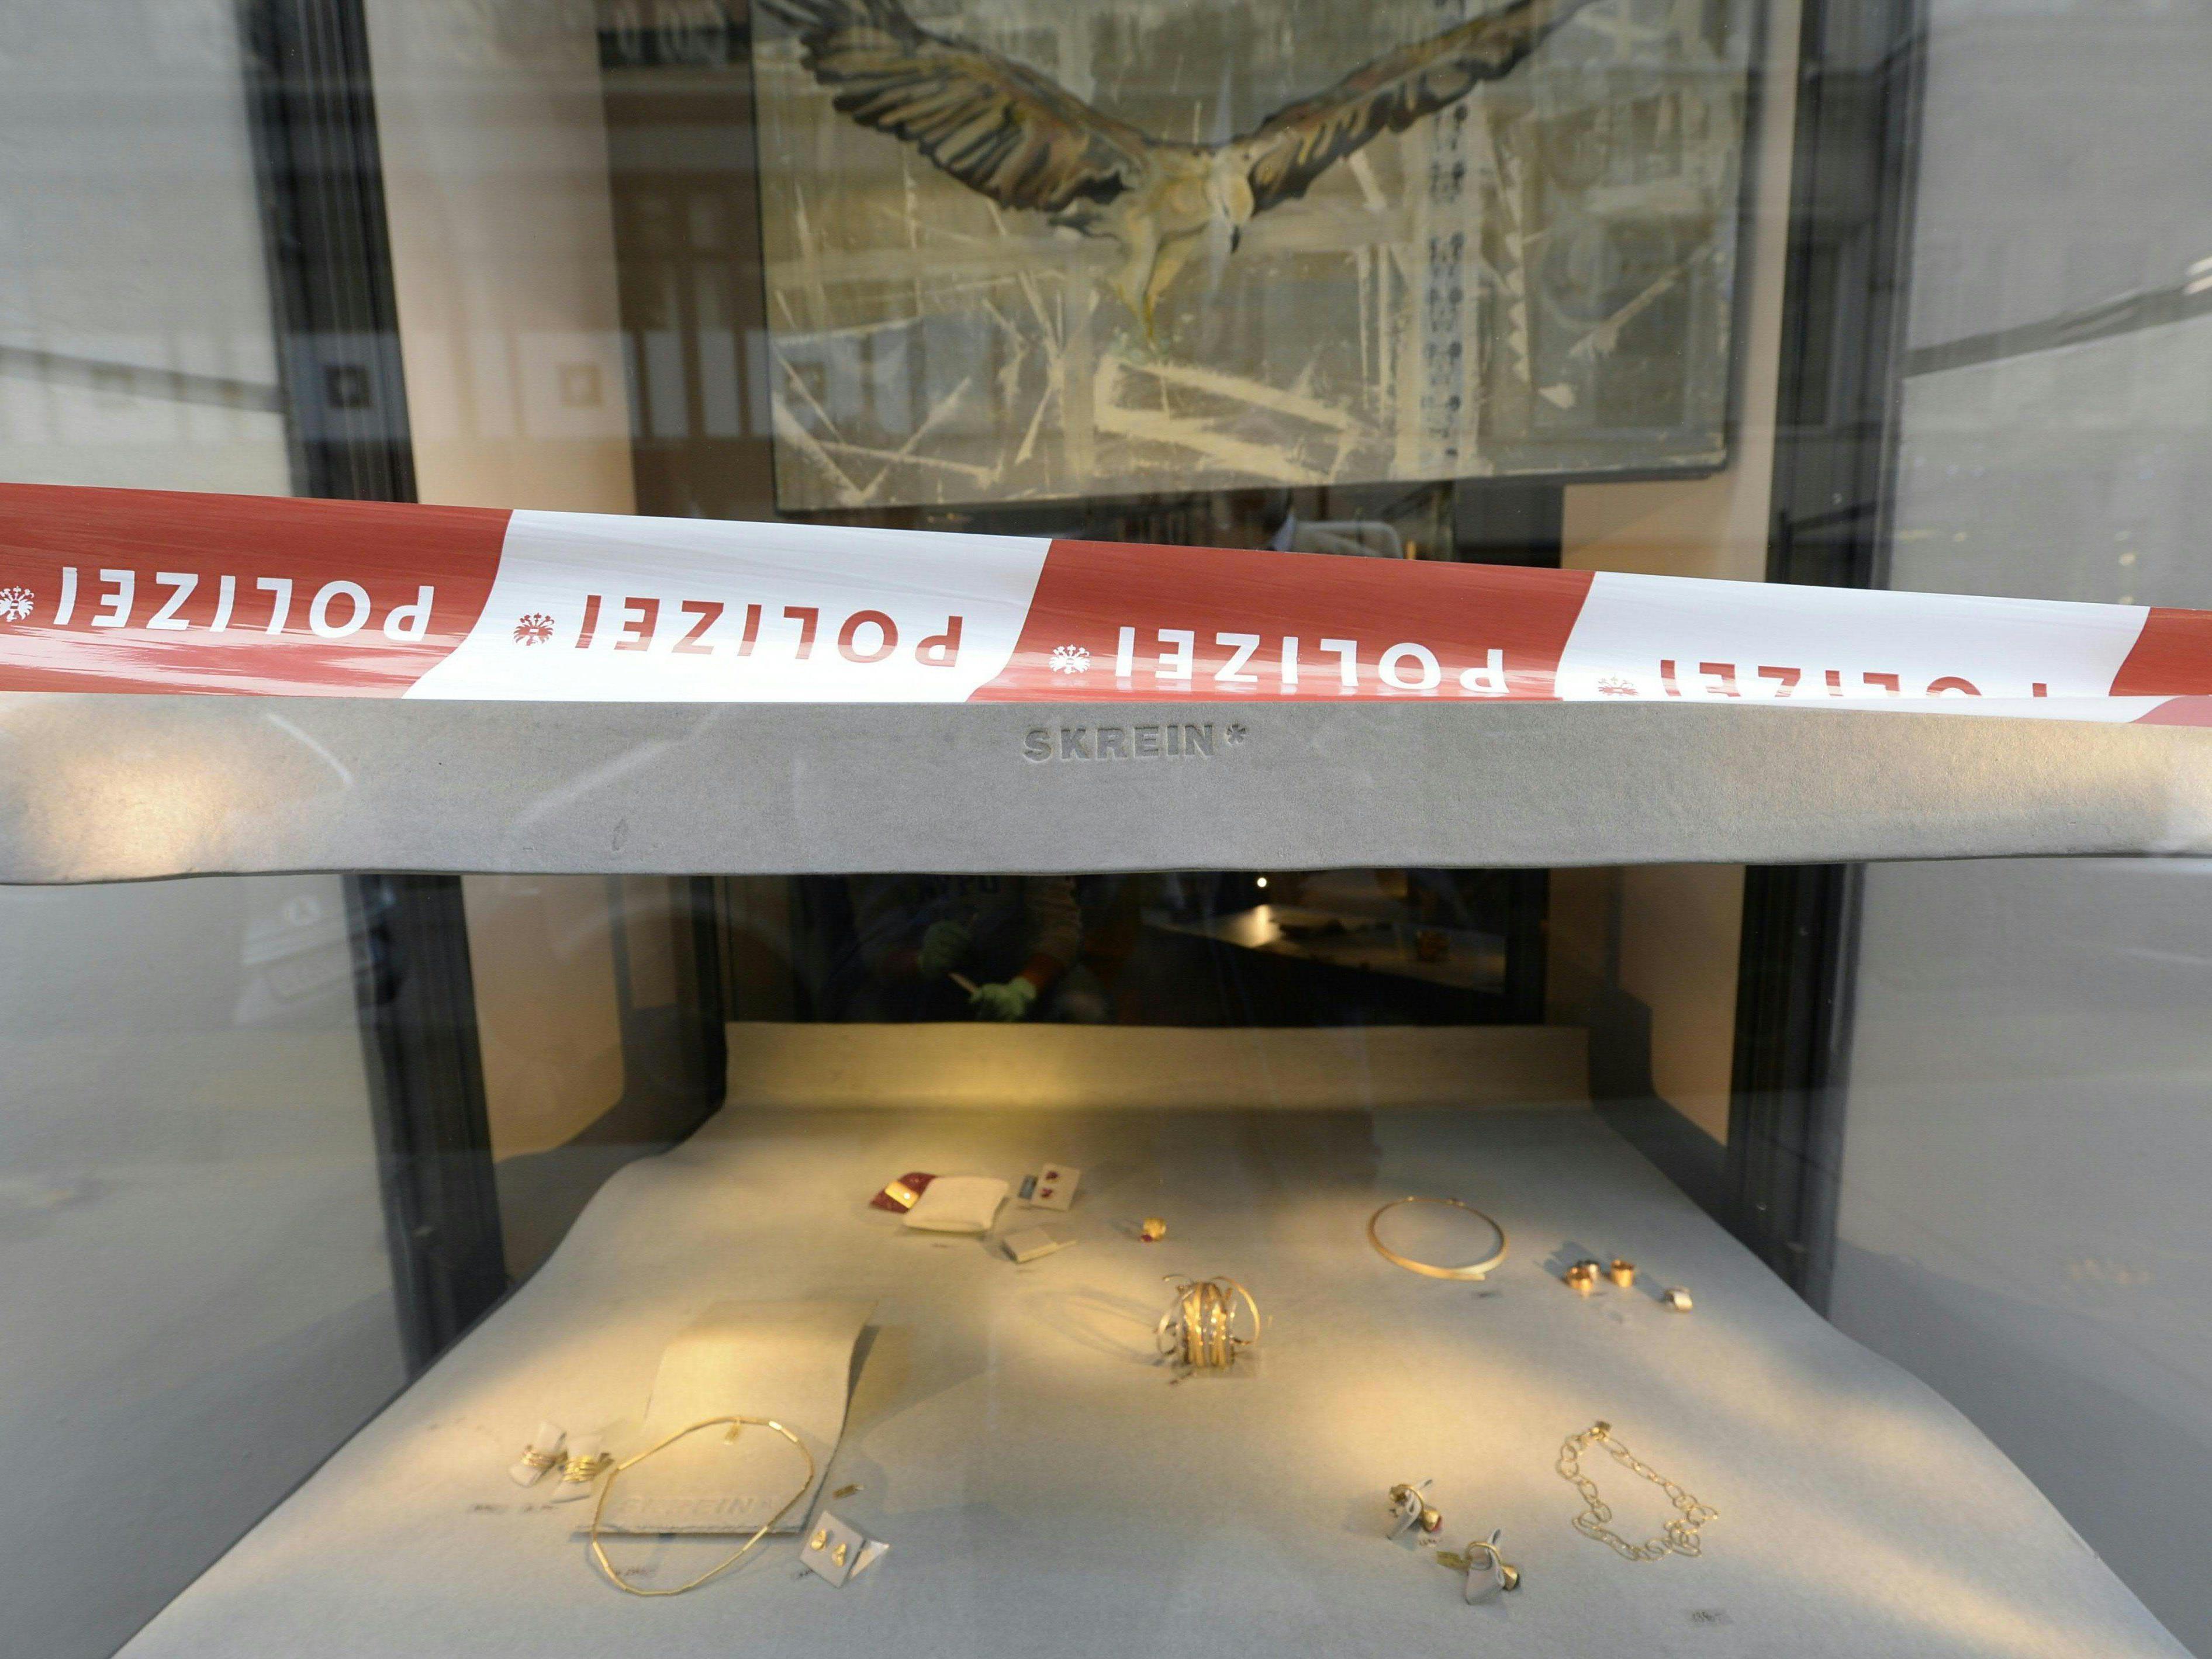 Juwelier Skrein in Wien ausgeraubt: Täter zertrümmerten Vitrinen